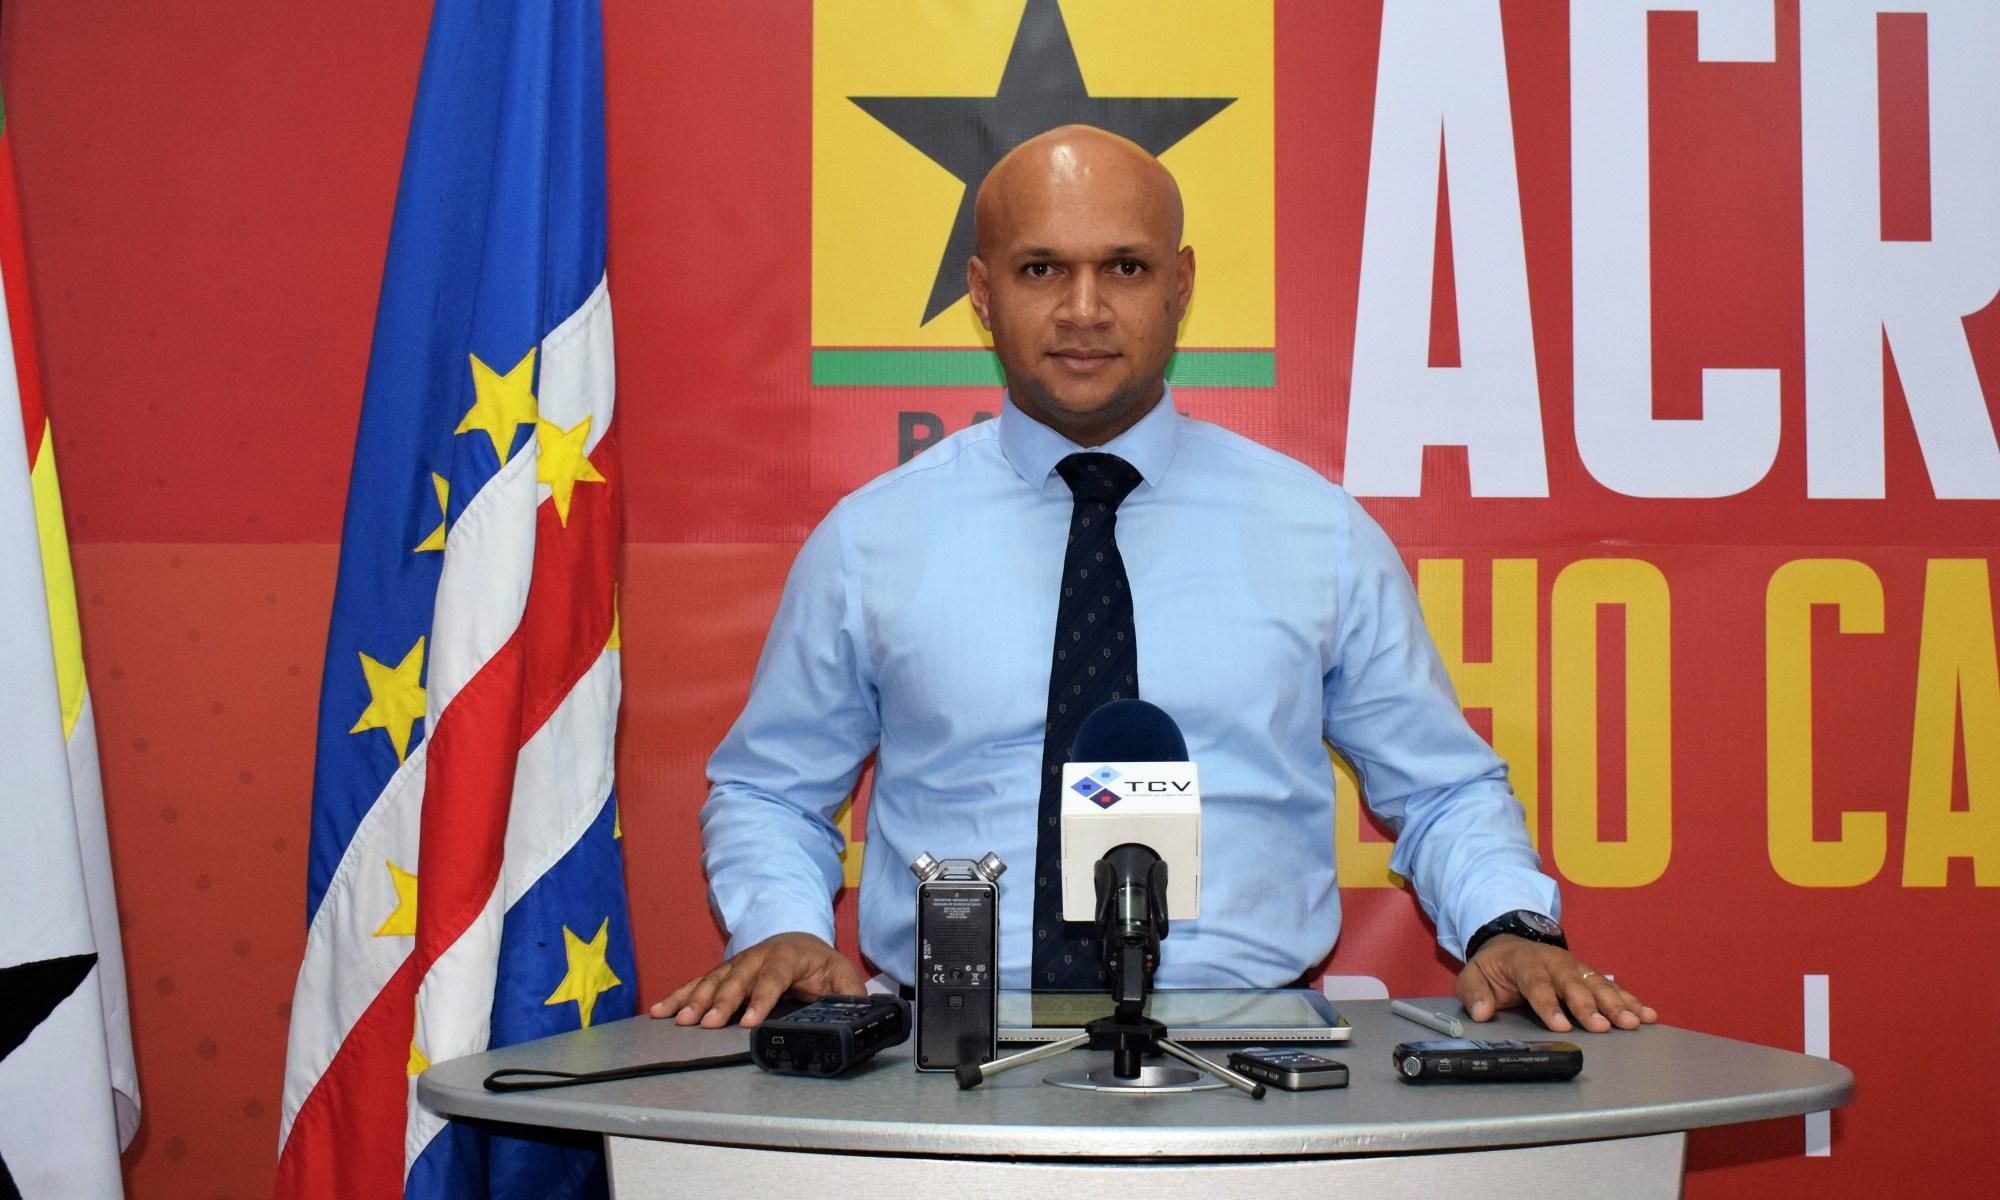 PAICV se posiciona na sequencia da decisão do Ministério Publico de formalizar uma acusação contra a companhia aérea Binter por impedimento de prestação de socorro